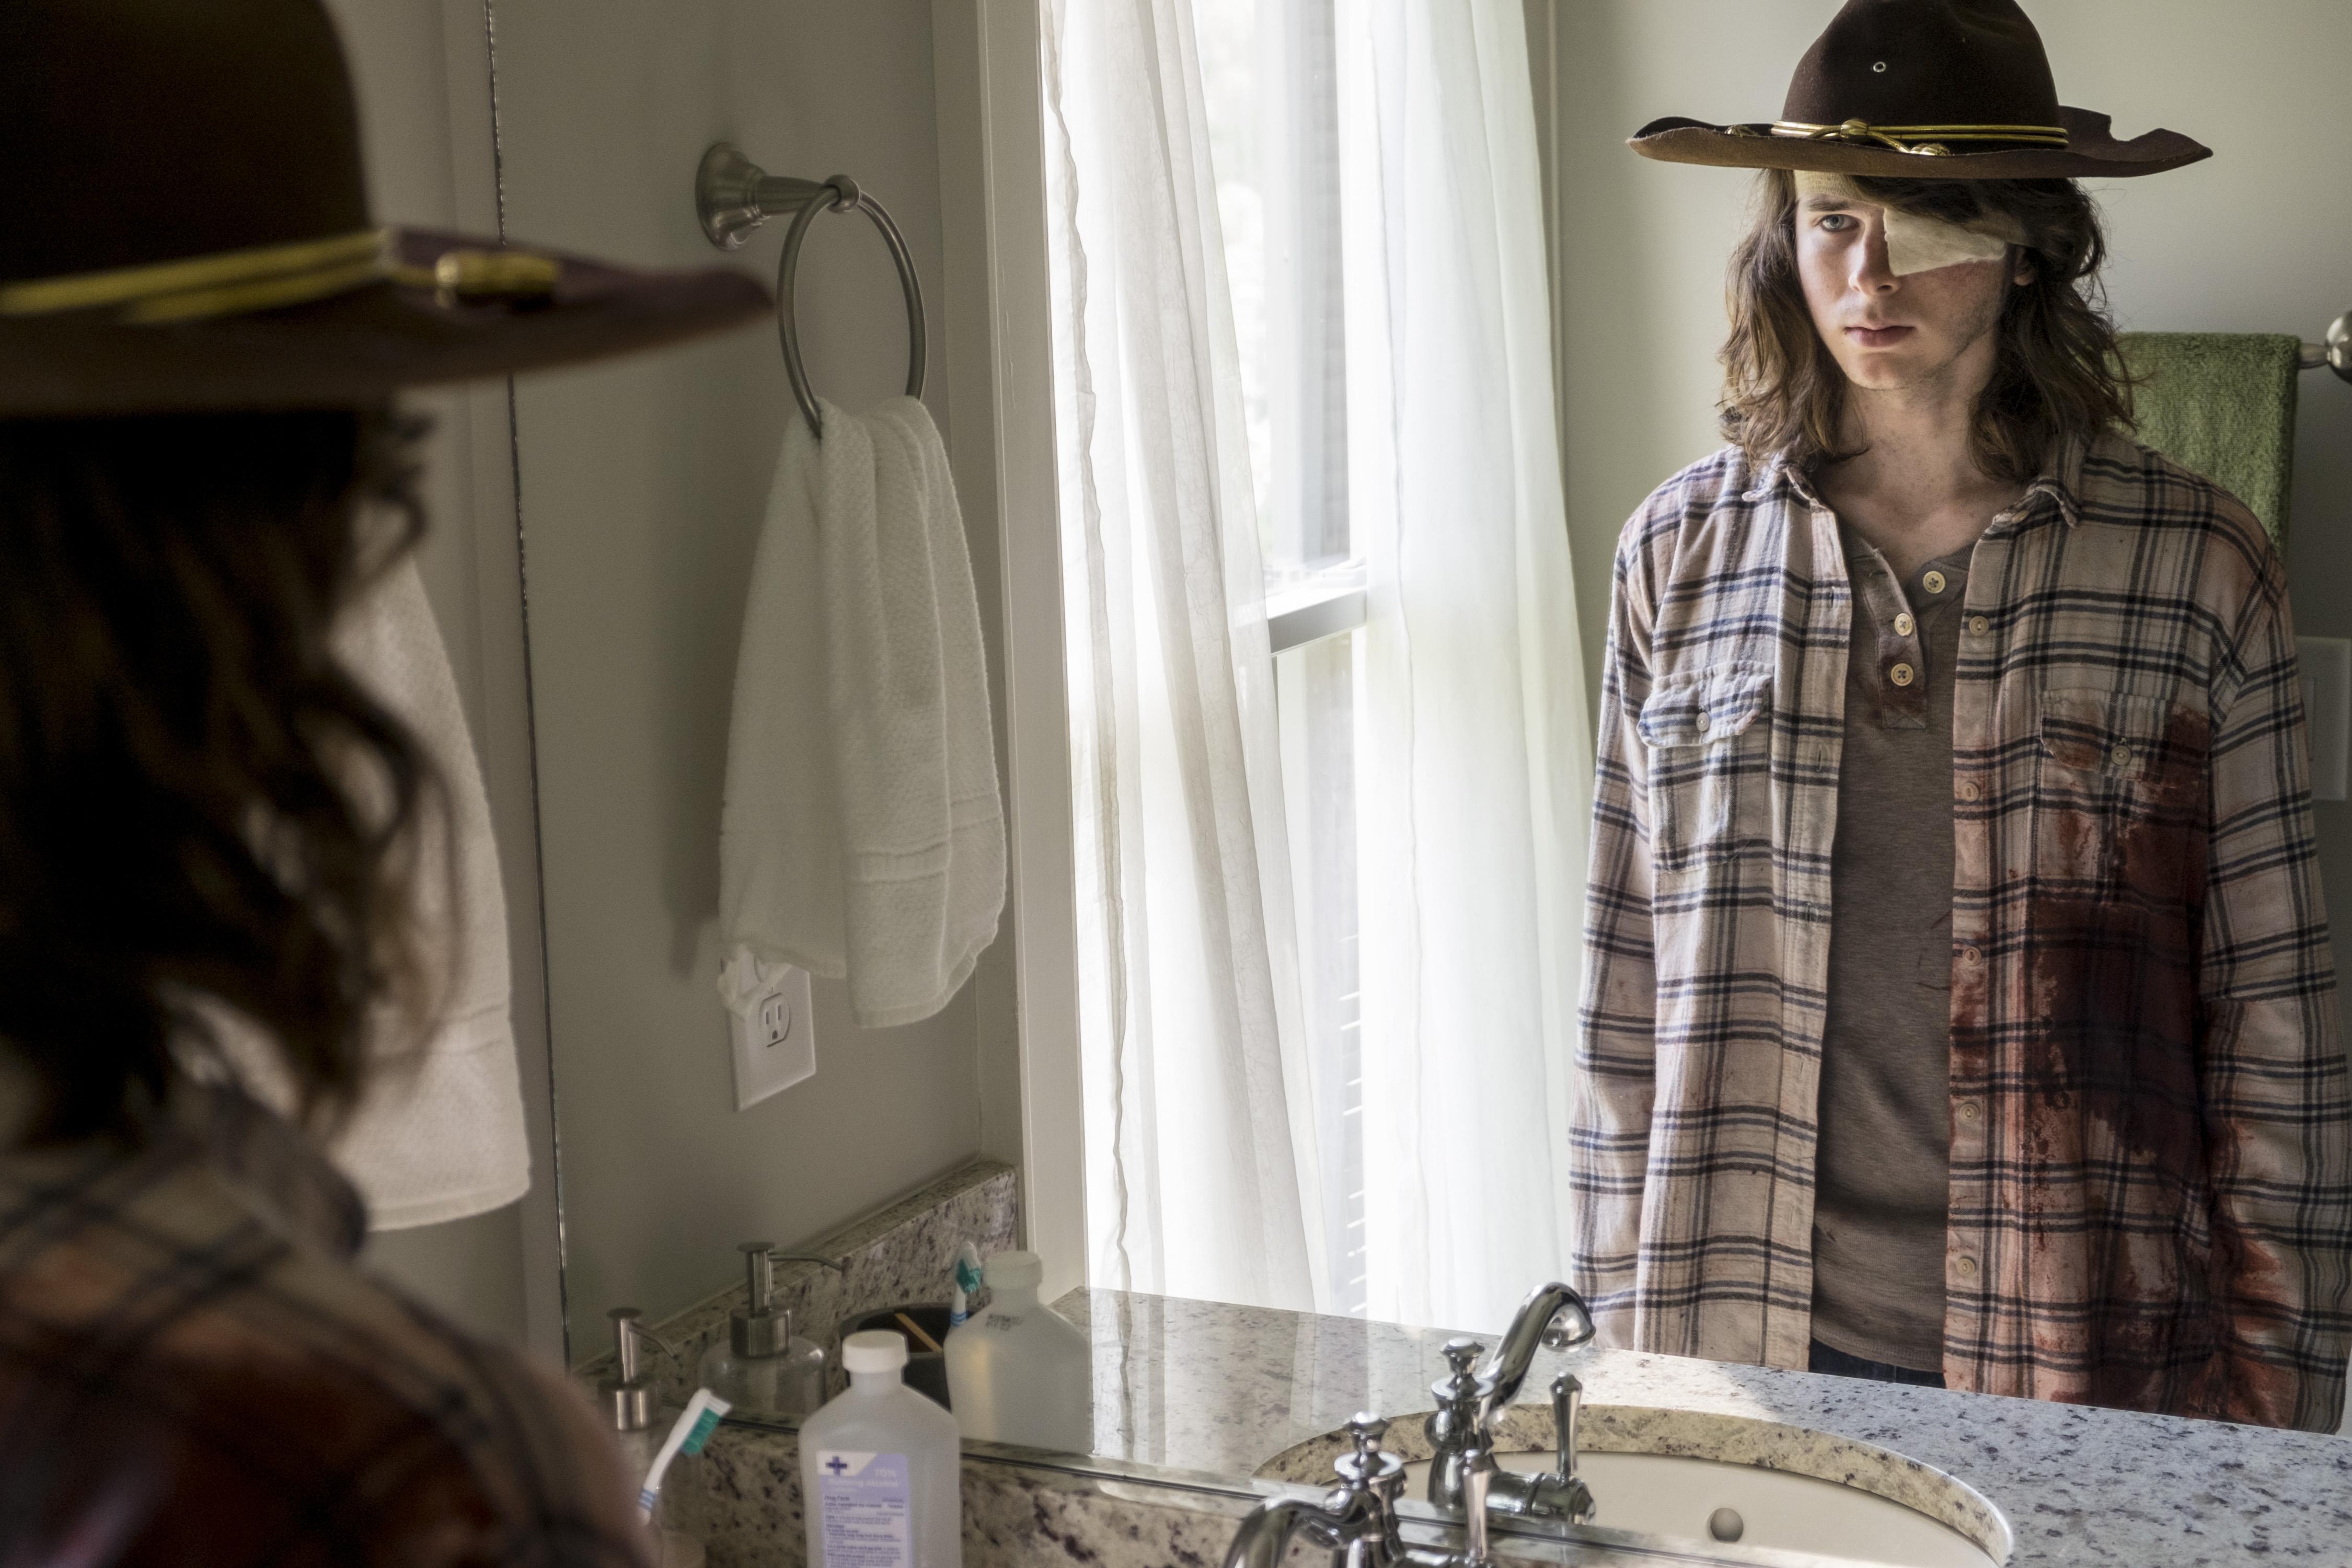 Carl Grimes (Chandler Riggs) fait face à la mort et à ce qu'il veut pour le futur de ses proches - The Walking Dead _ Saison 8, Épisode 9 - Crédit photo: Gene Page/AMC